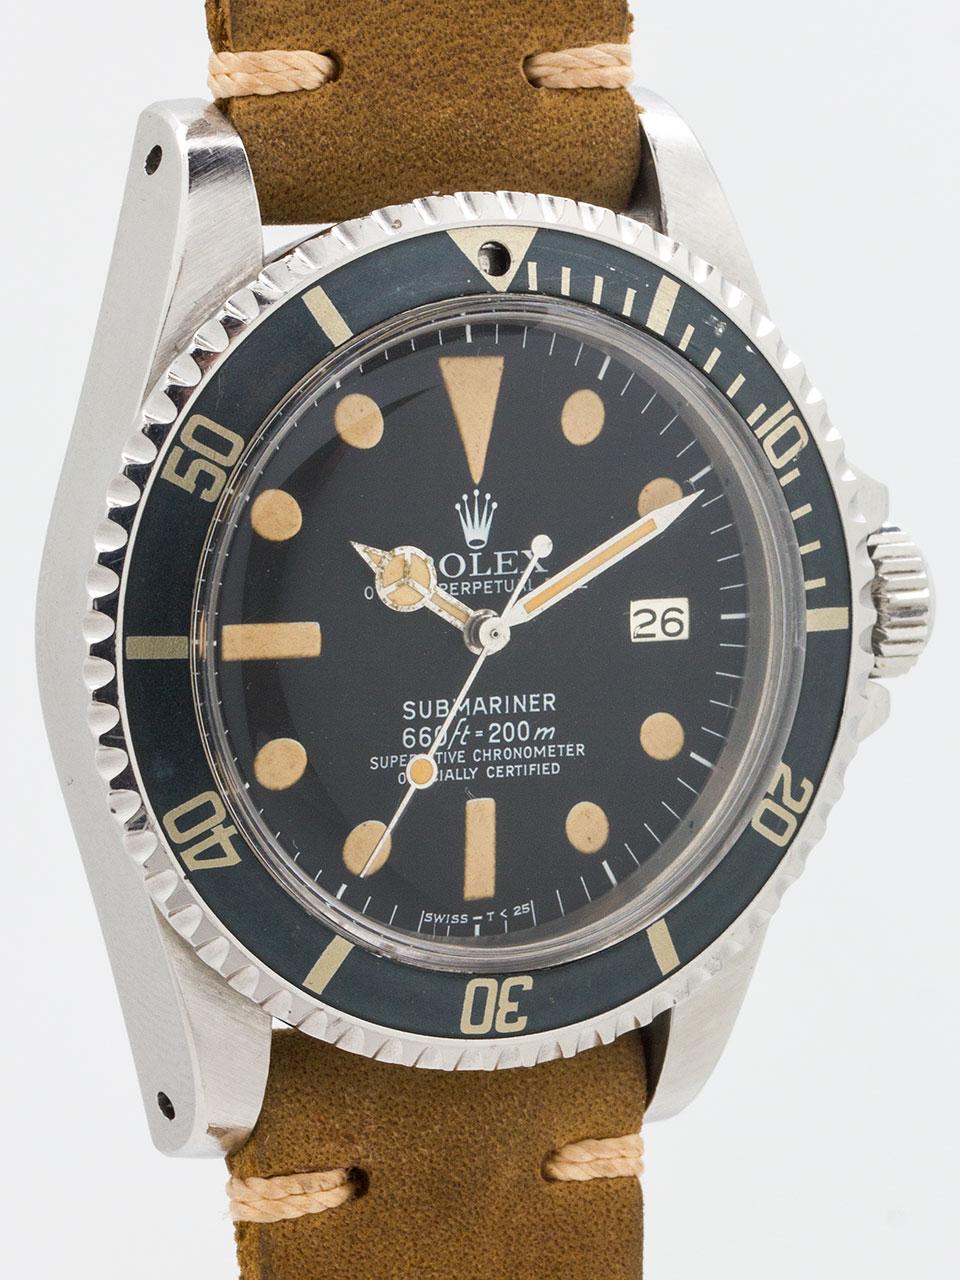 Rolex Submariner ref 1680 circa 1977